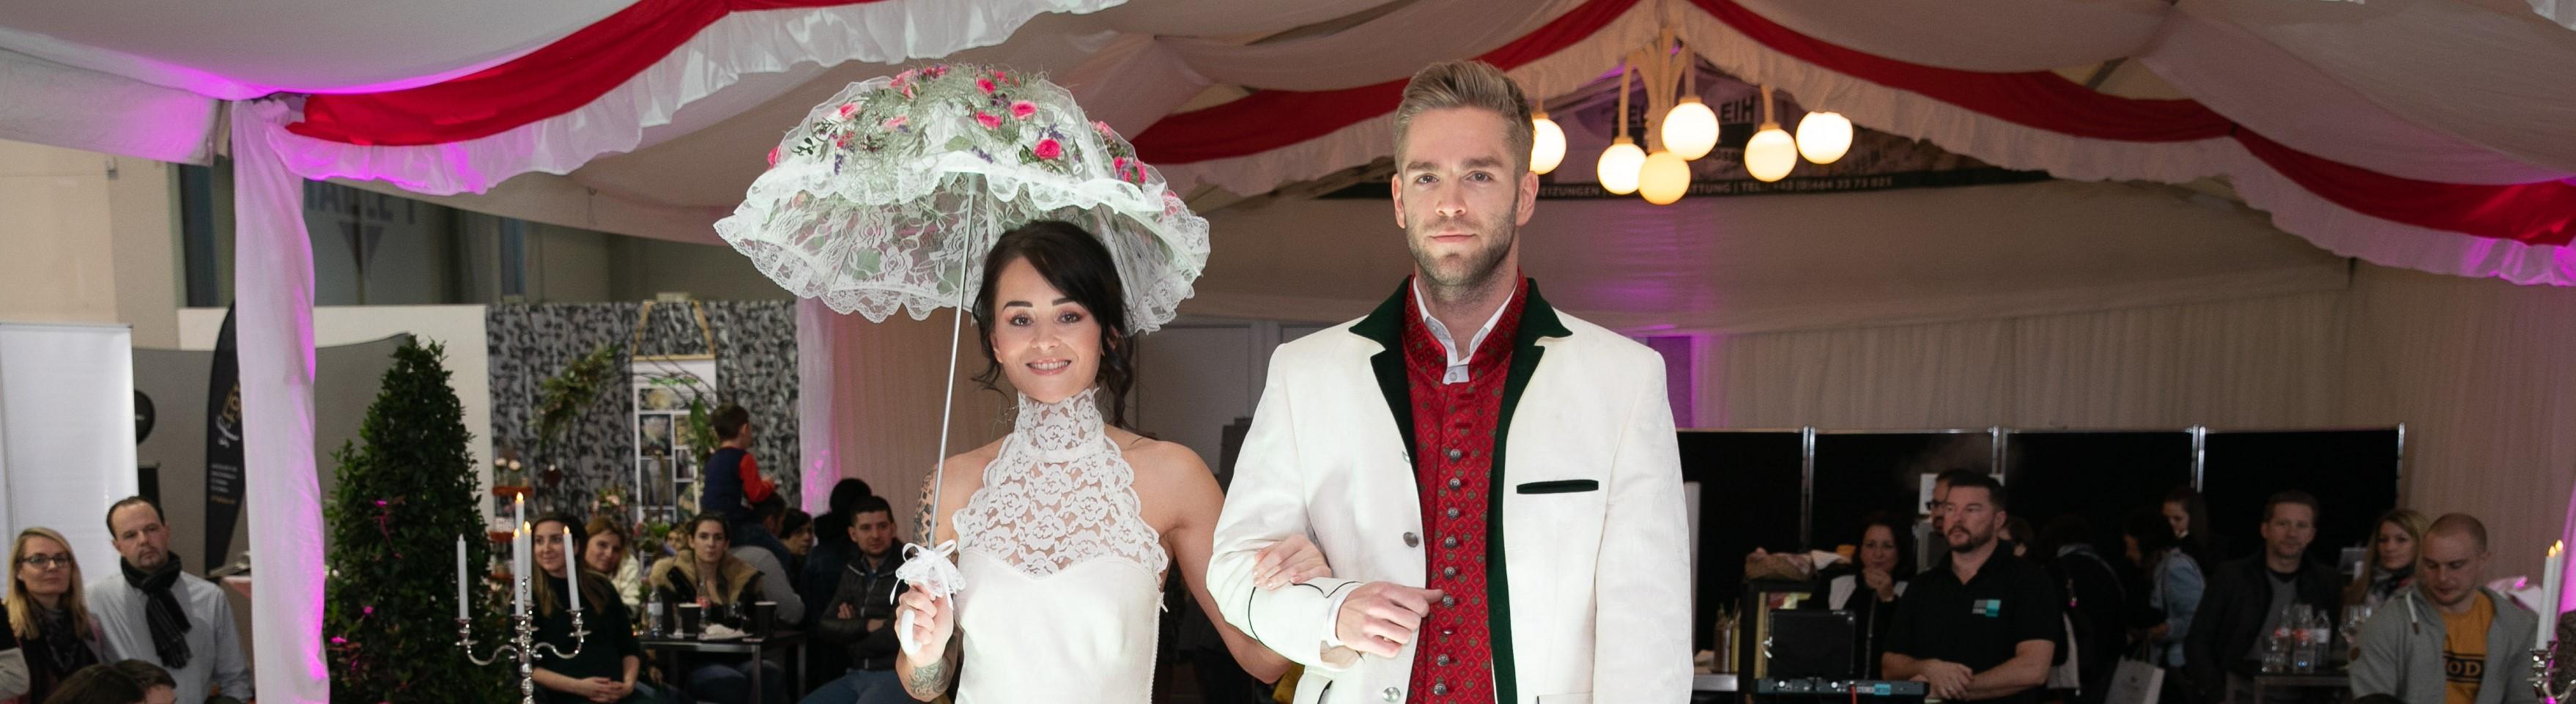 Hochzeitsmesse Klagenfurt